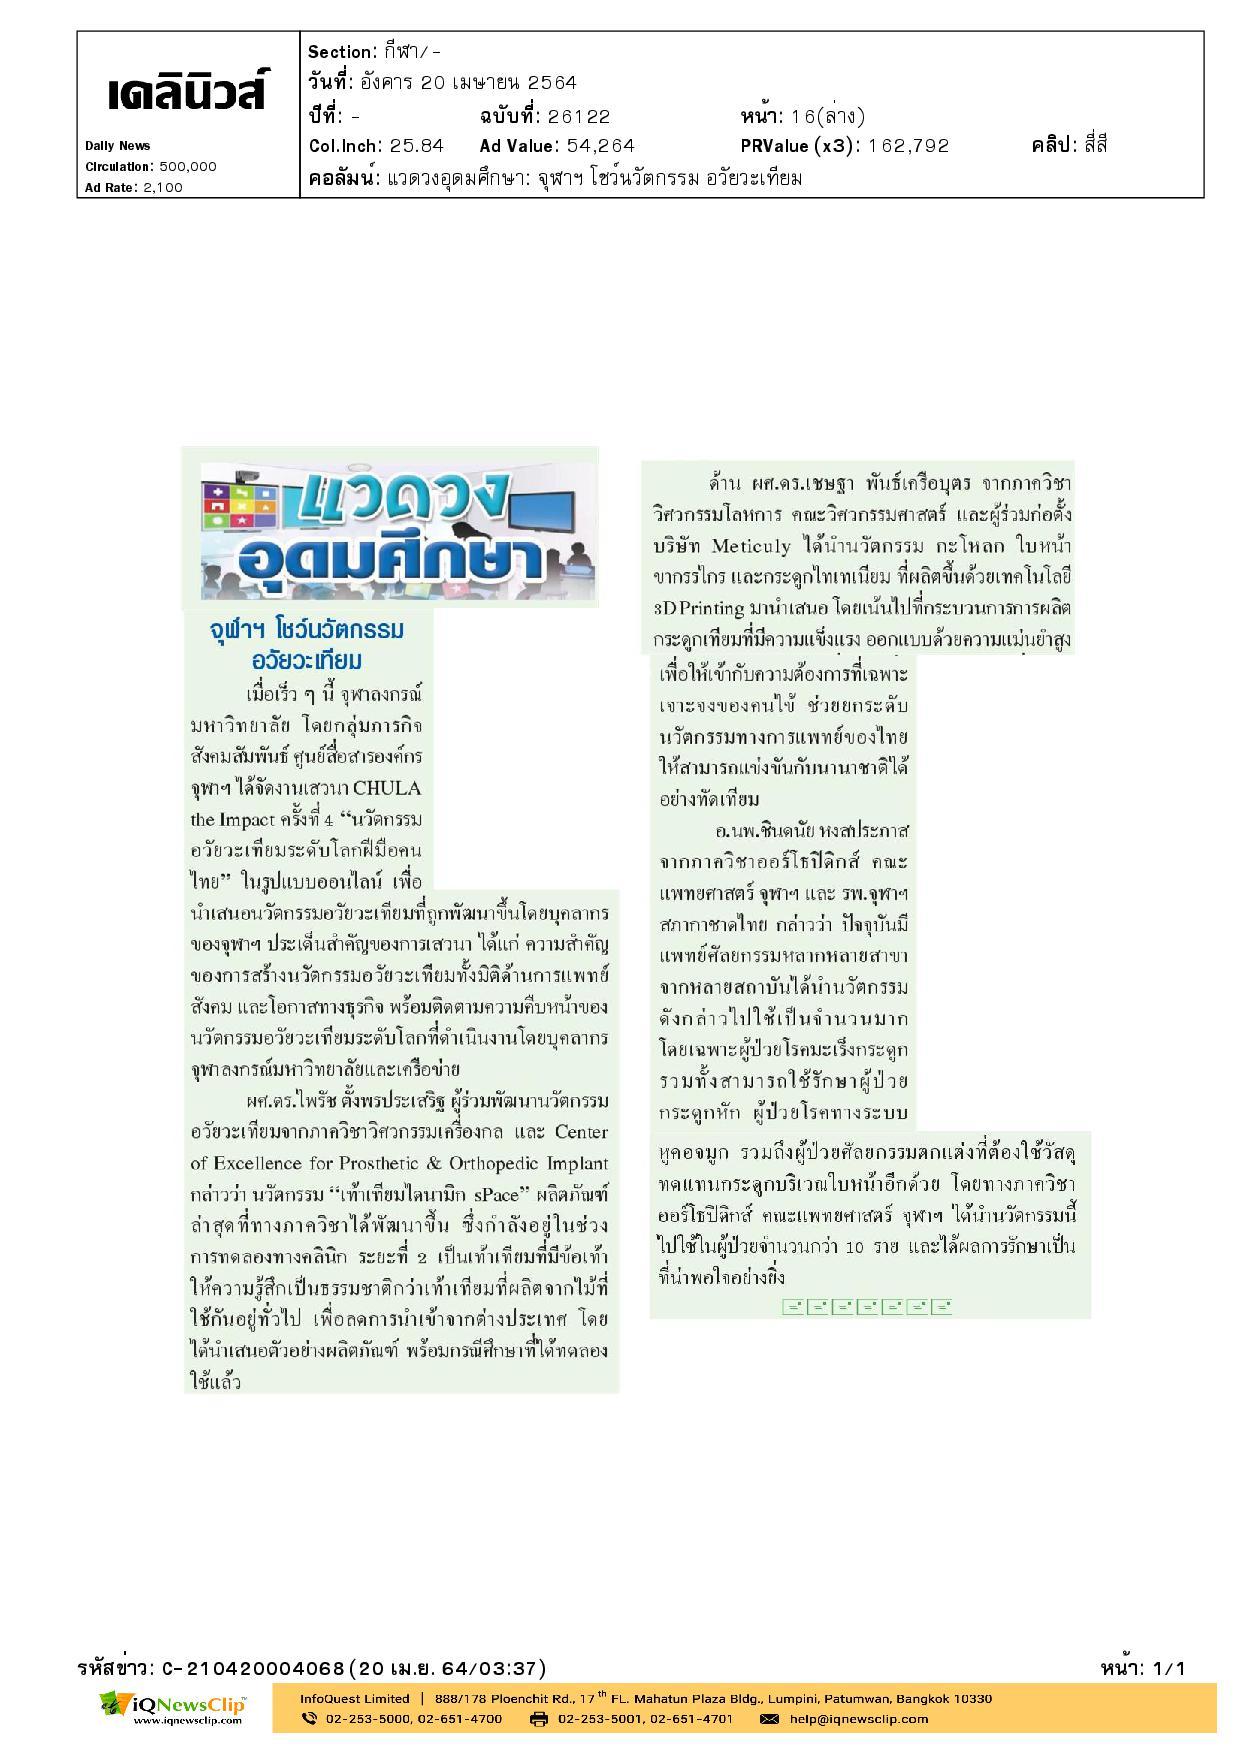 """จุฬาฯ จัดเสวนา  """"นวัตกรรมอวัยวะเทียมระดับโลกฝีมือคนไทย"""""""